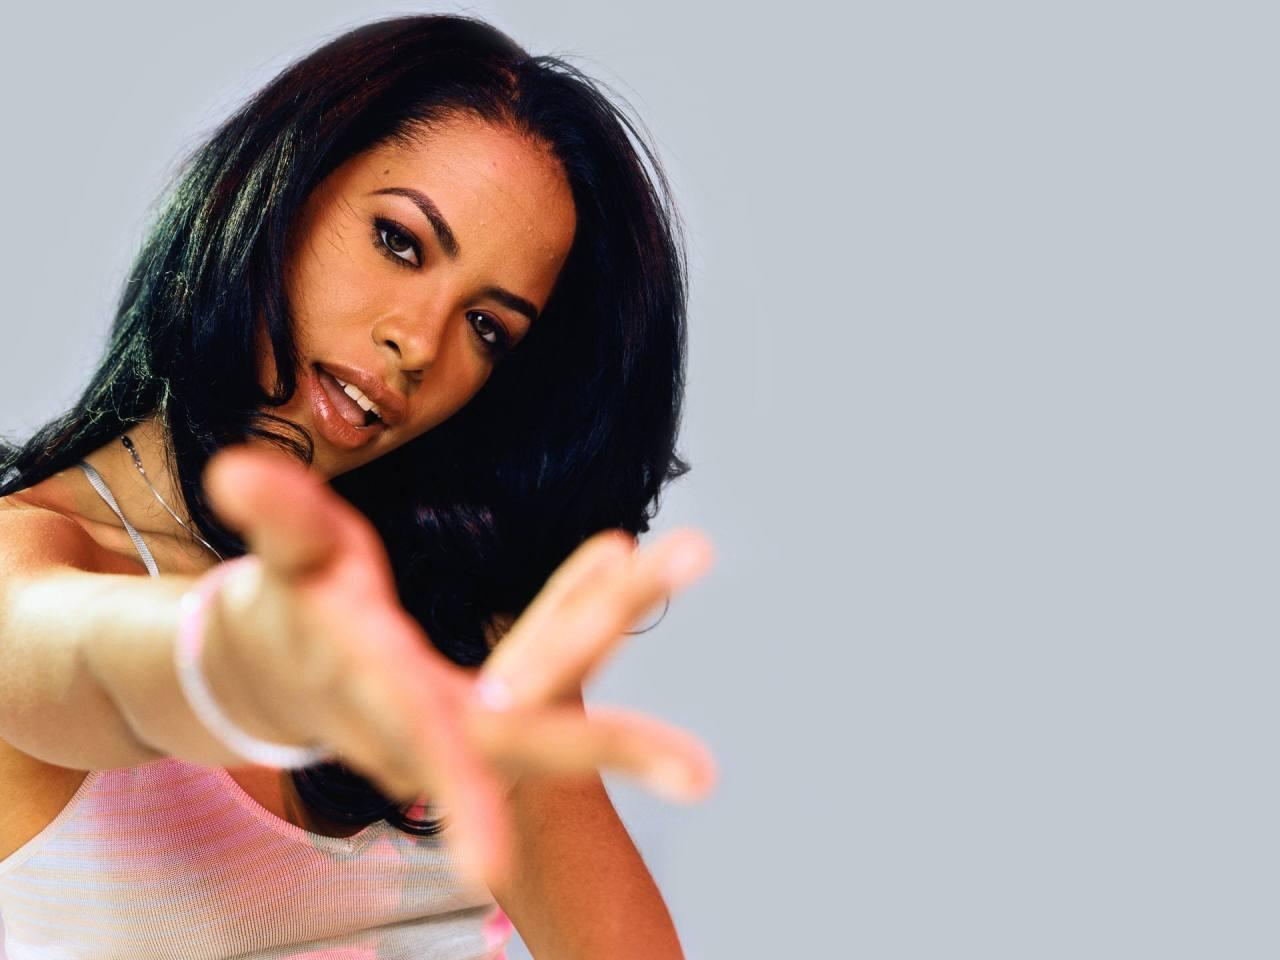 Aaliyah-012www.myWallpapers.com-1920x1440.jpg